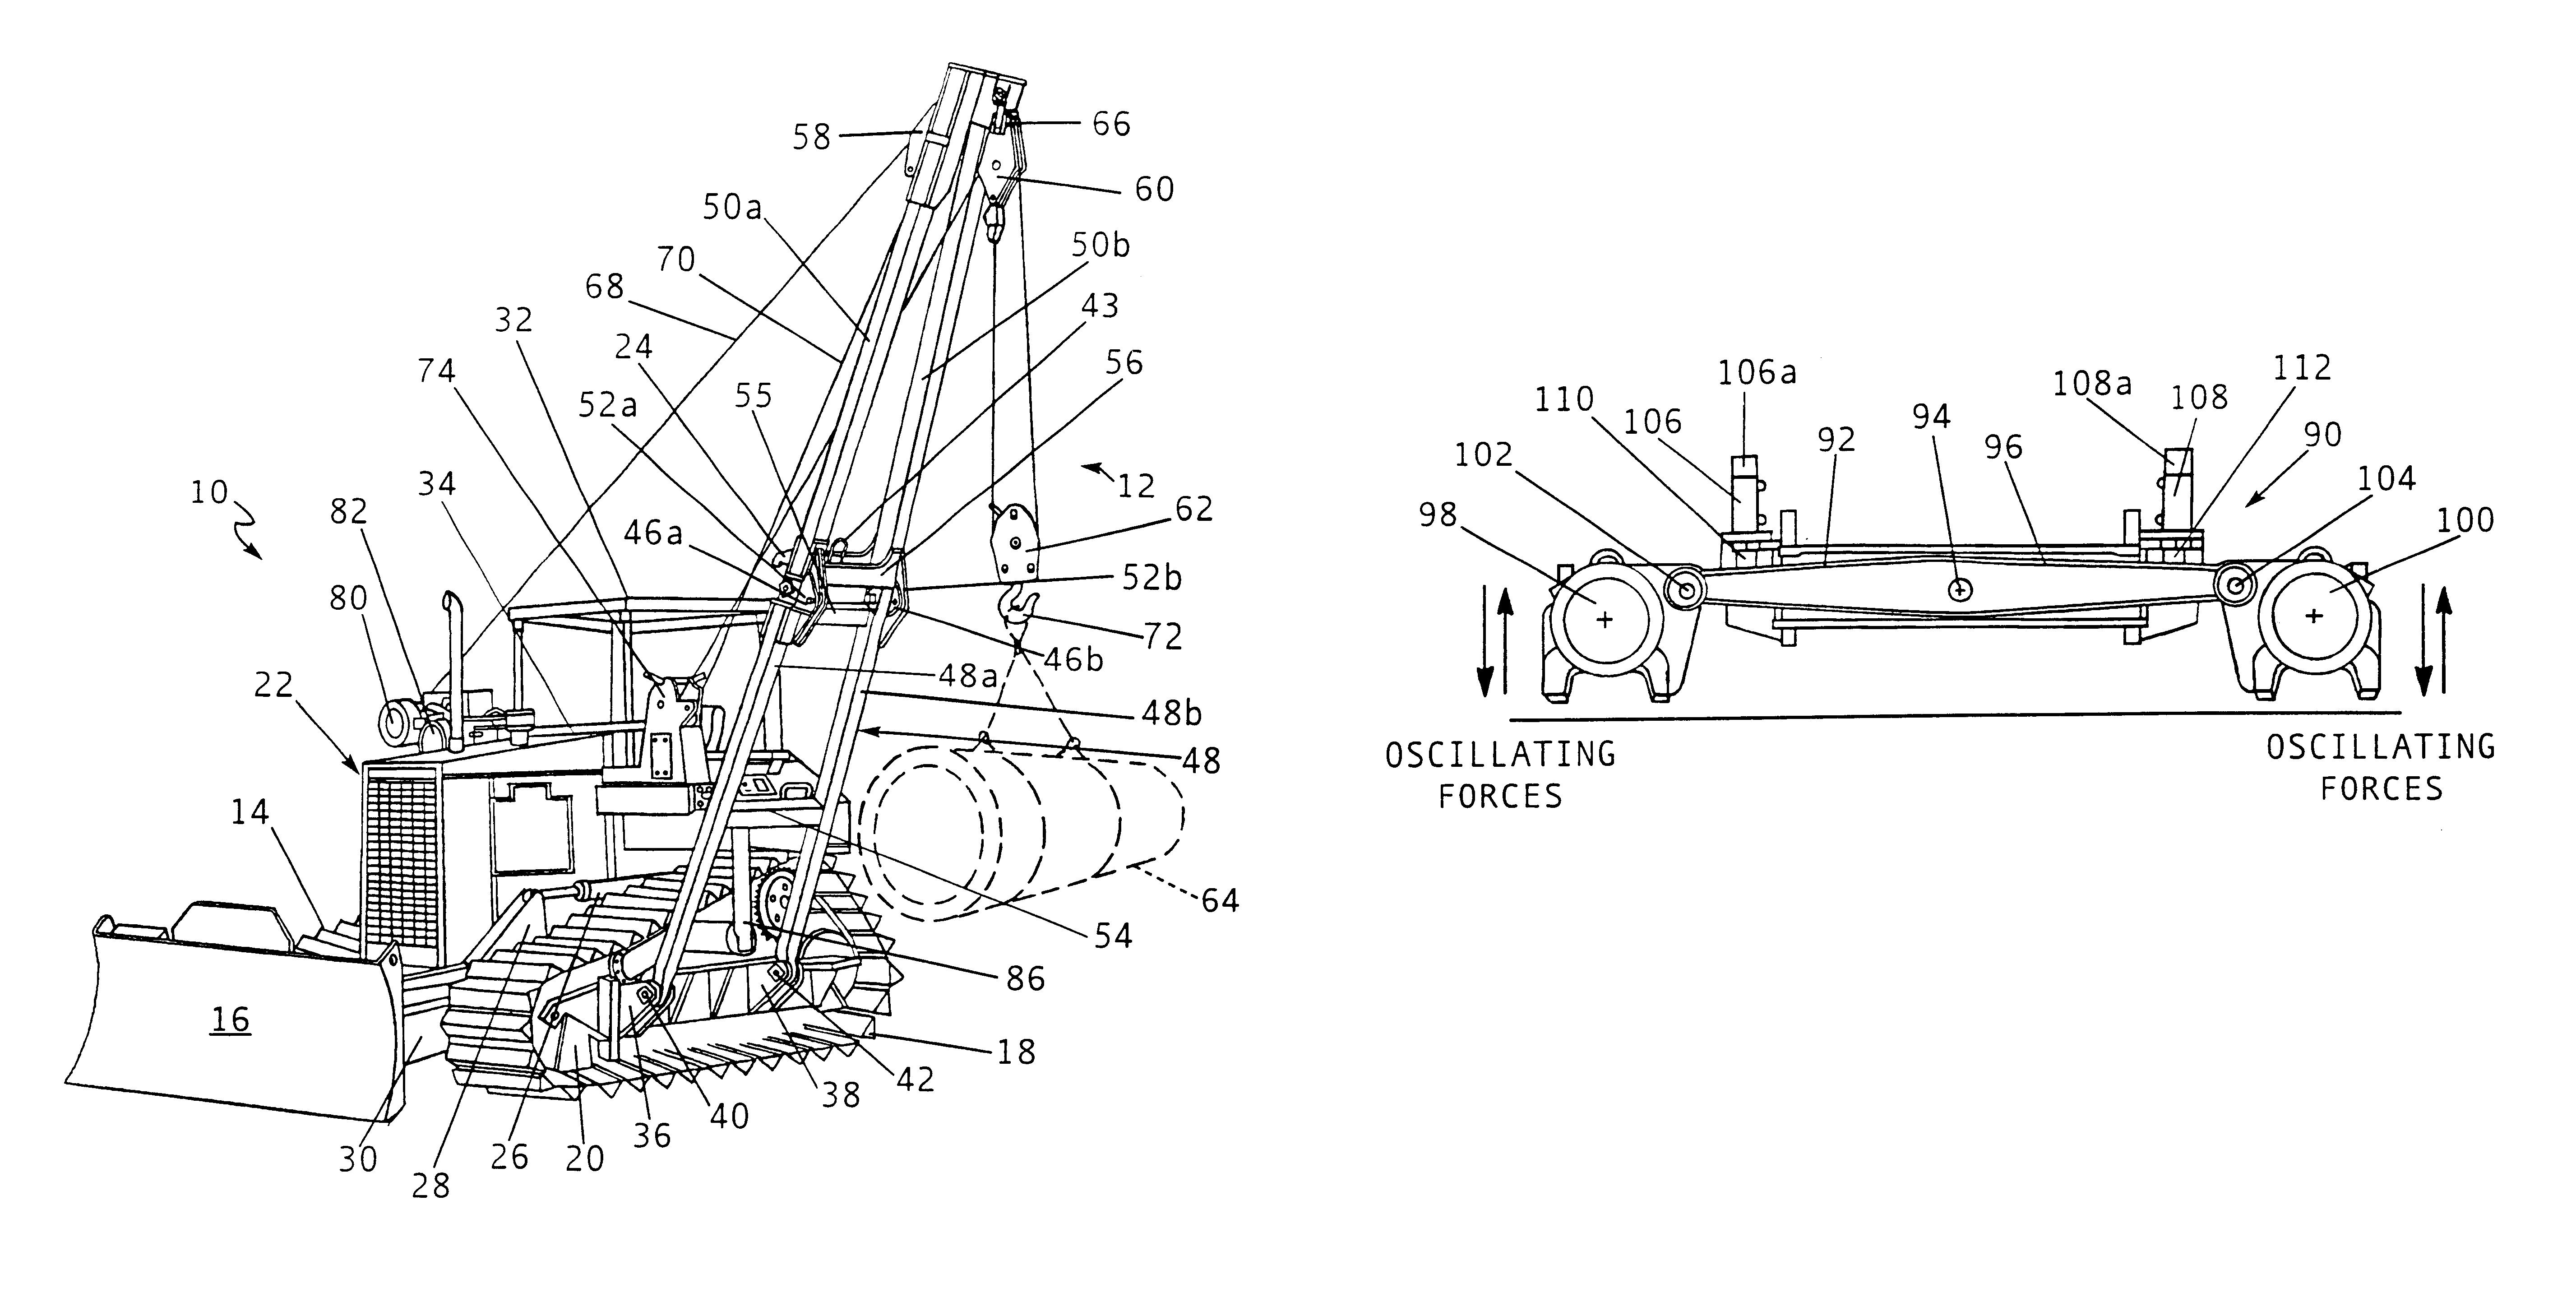 posatubi  pipelayer-posatubi US06609622-20030826-D00000